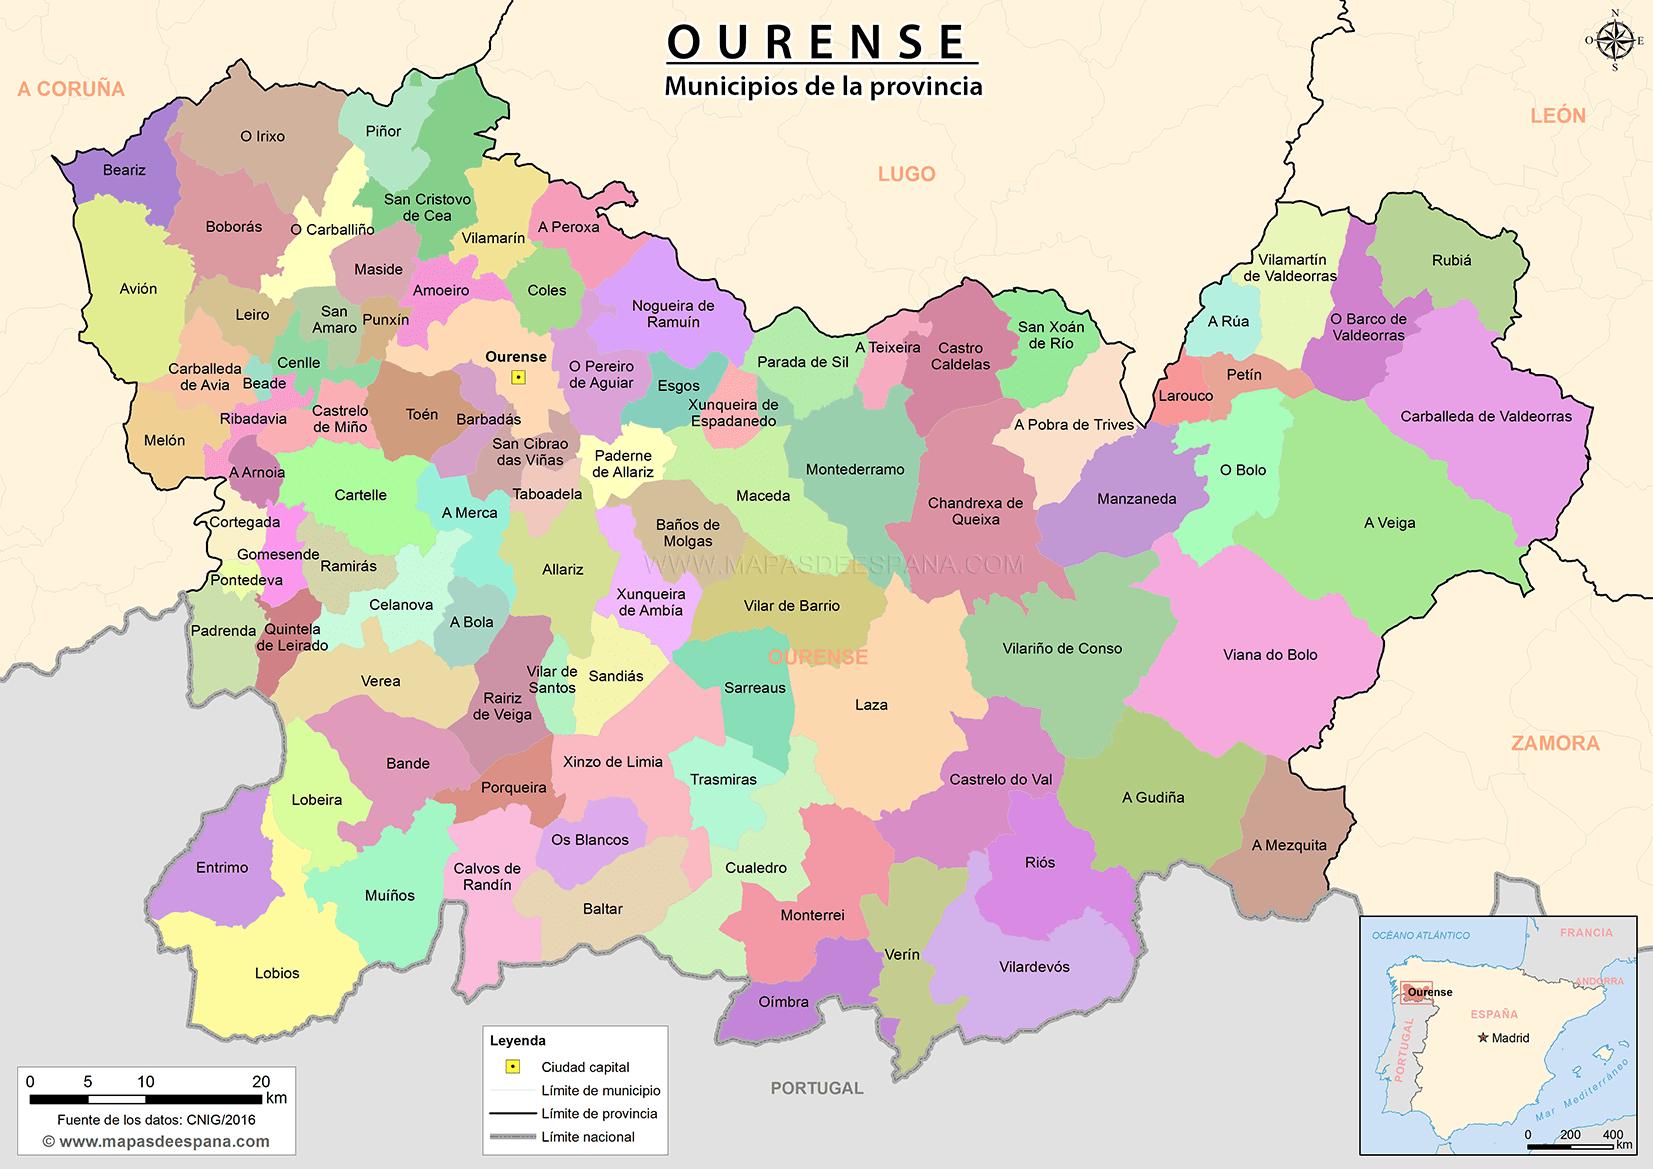 ourense mapa Mapa de la provincia de Ourense ourense mapa